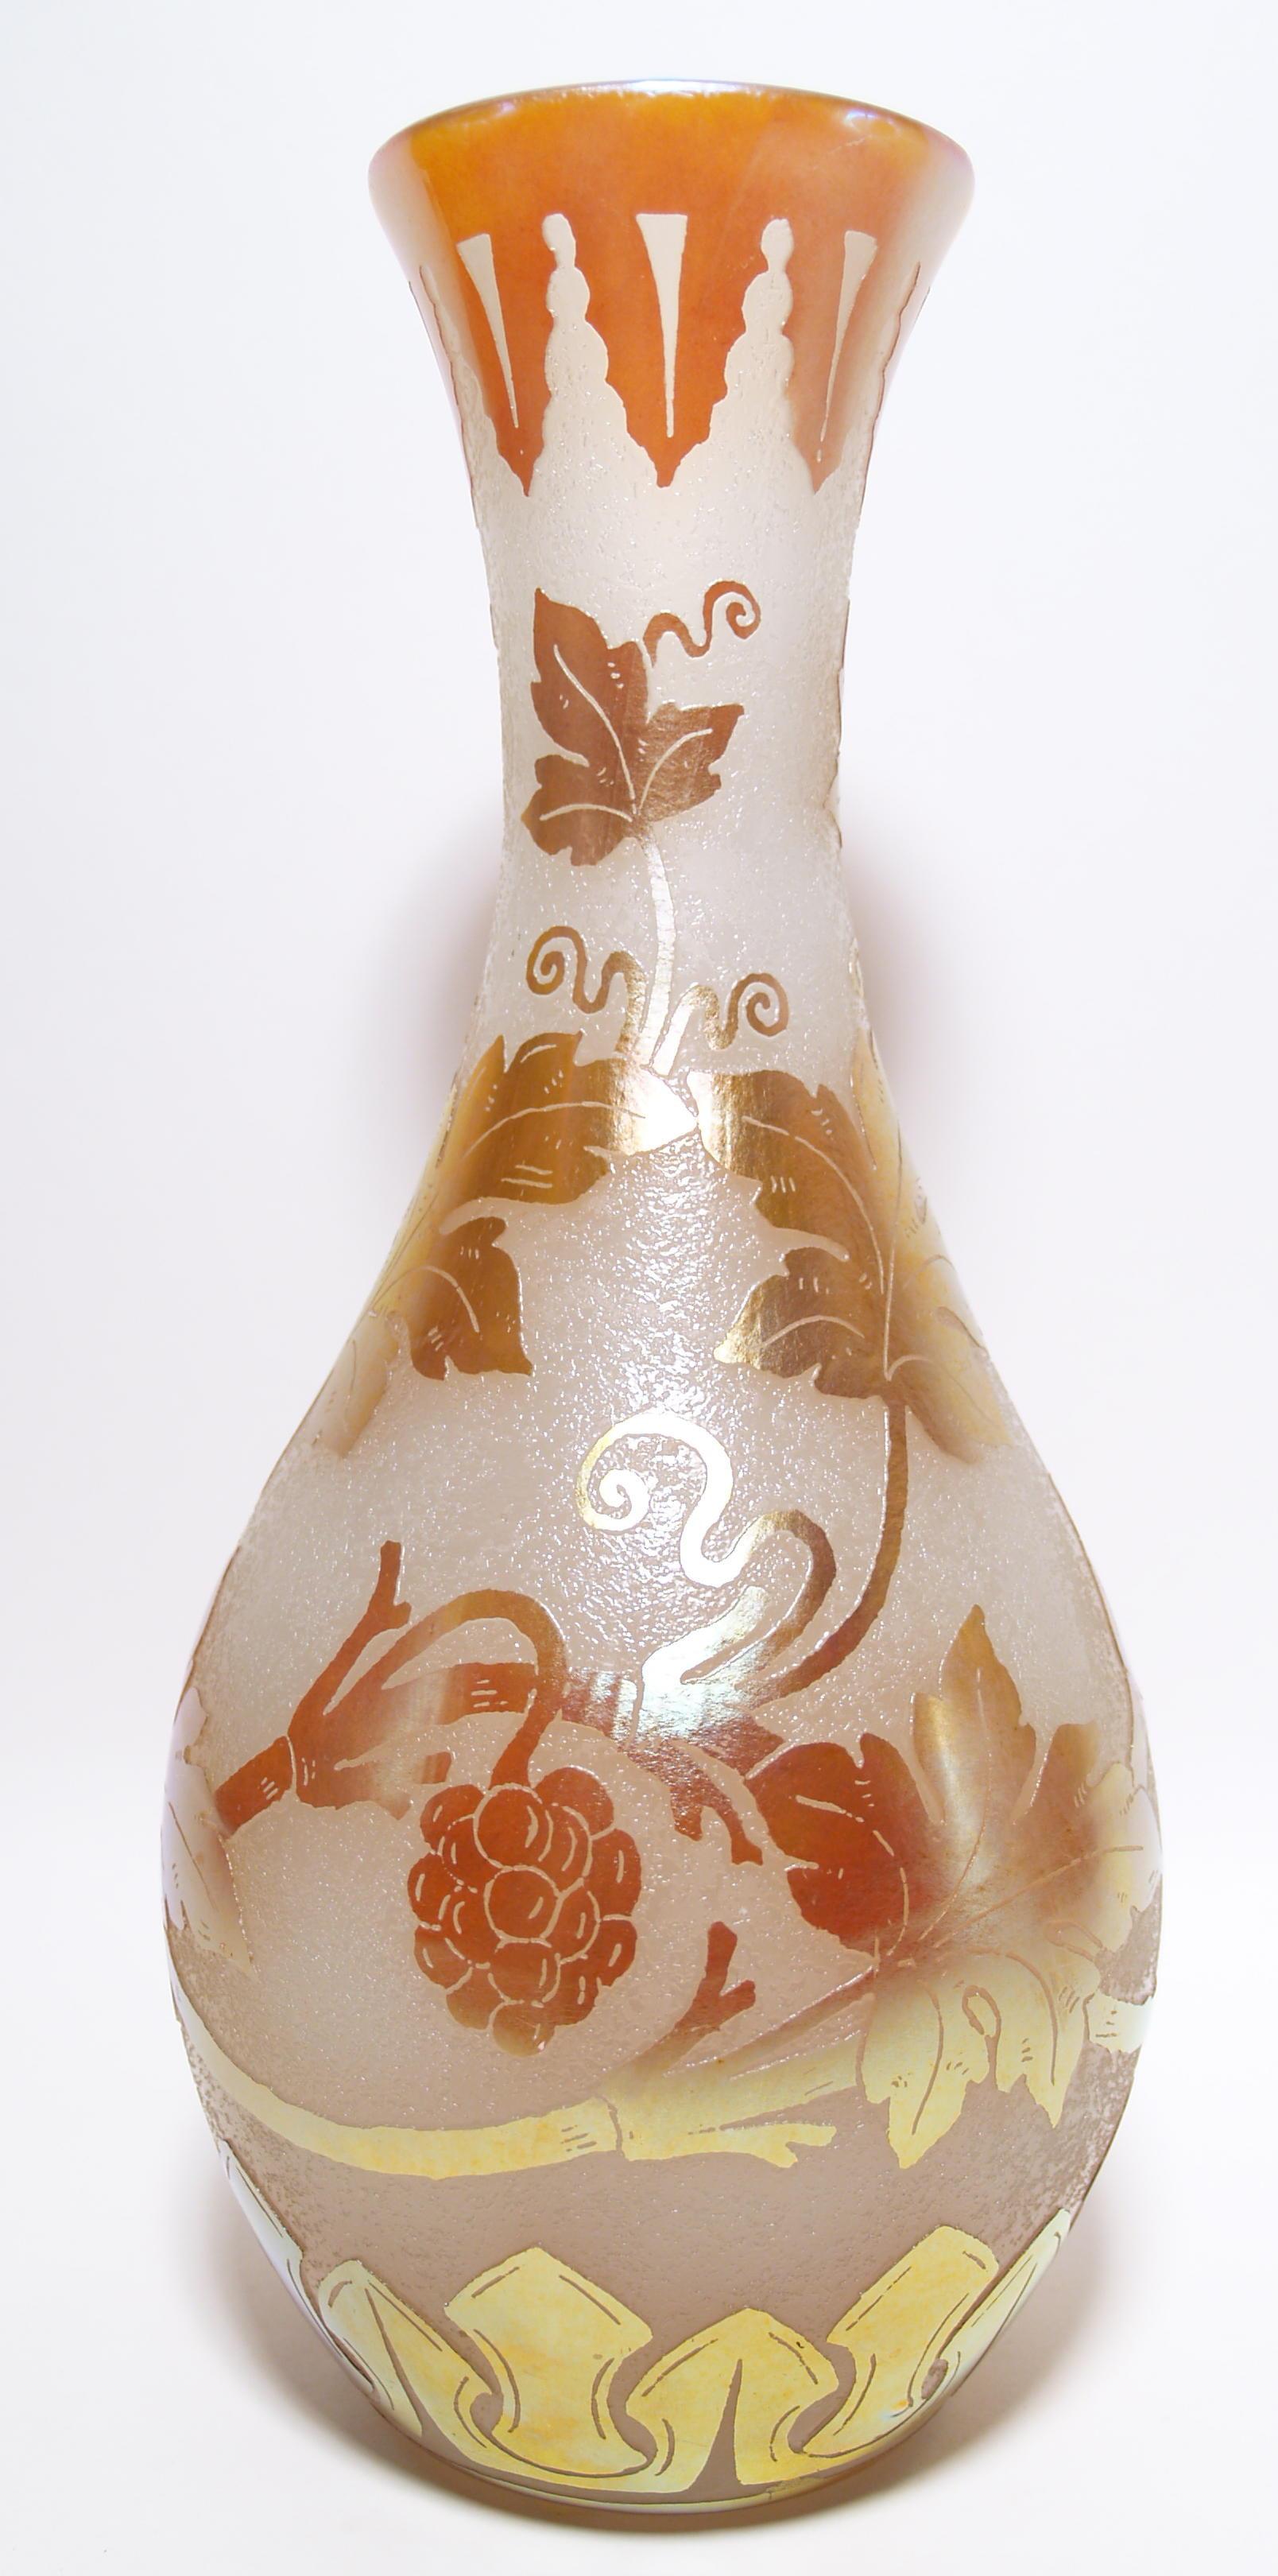 steuben aurene vase of carder steuben club shape index results with carder steuben vase 6390